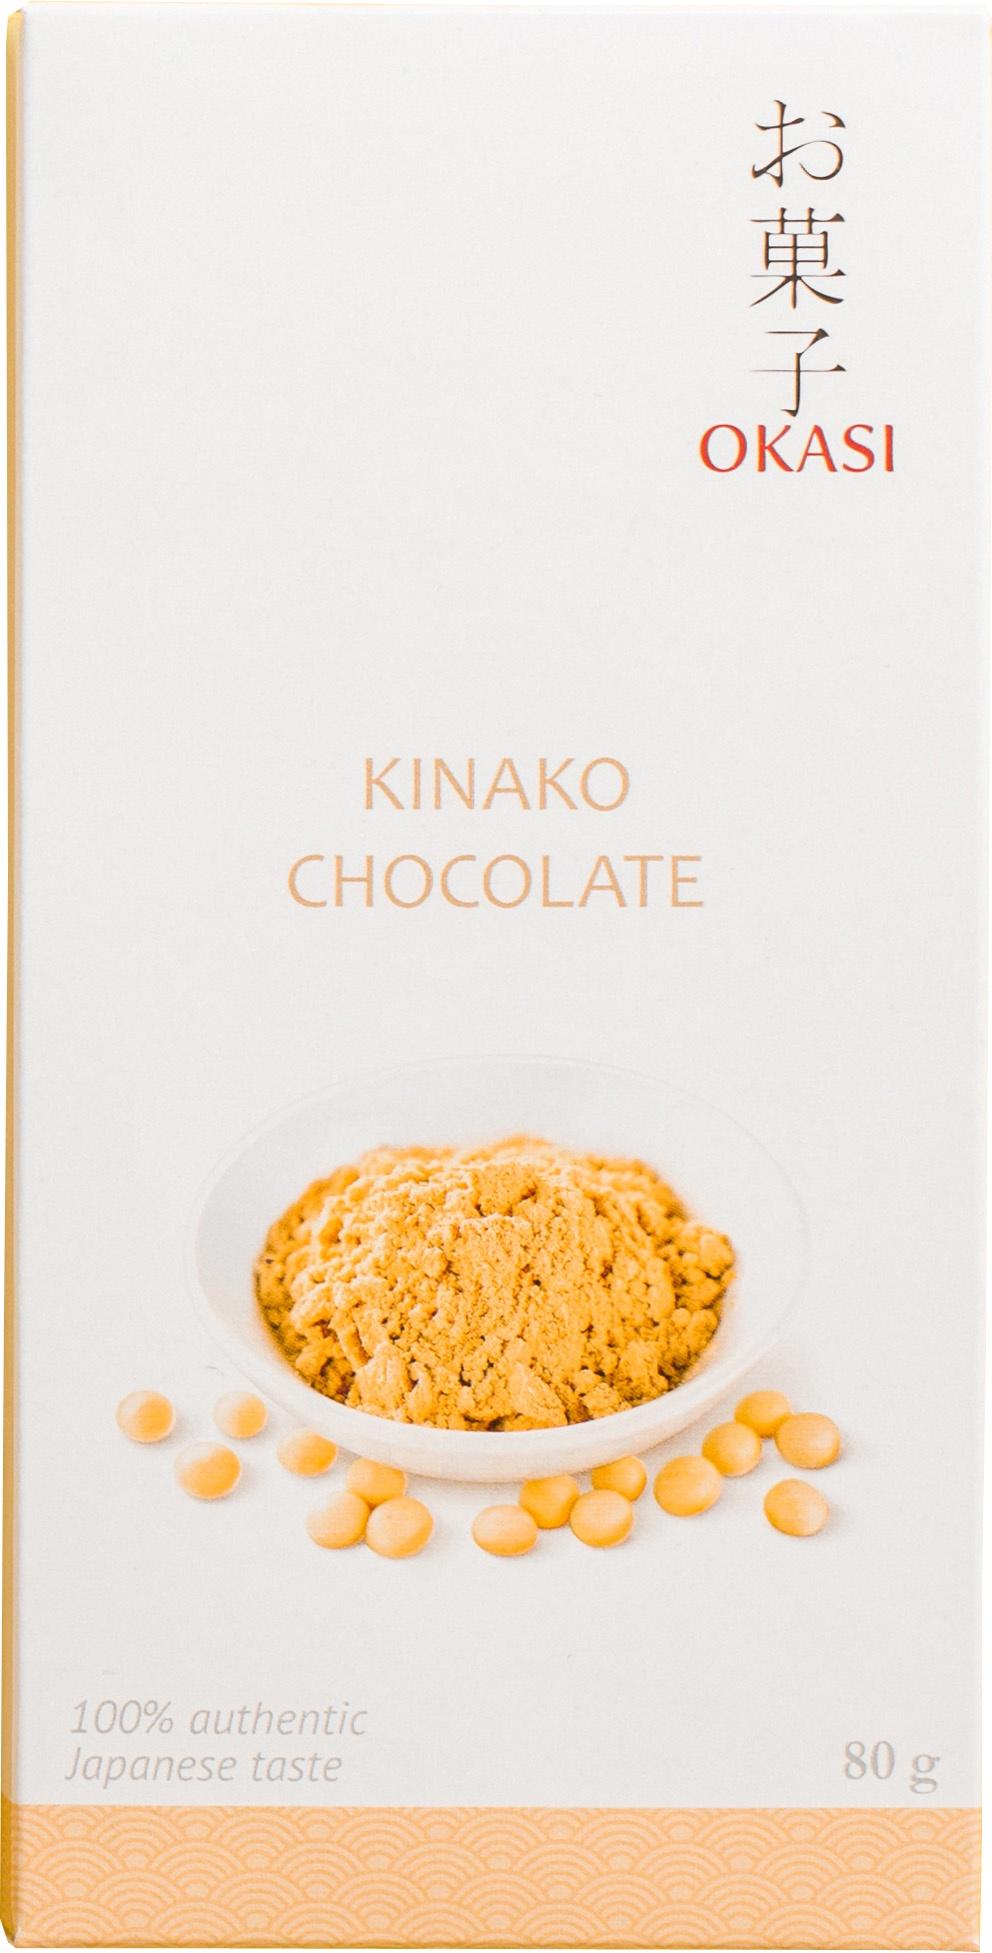 Шоколад Okasi с кинако, плитка, 80 г шоколад okasi с чаем матча плитка 80 г